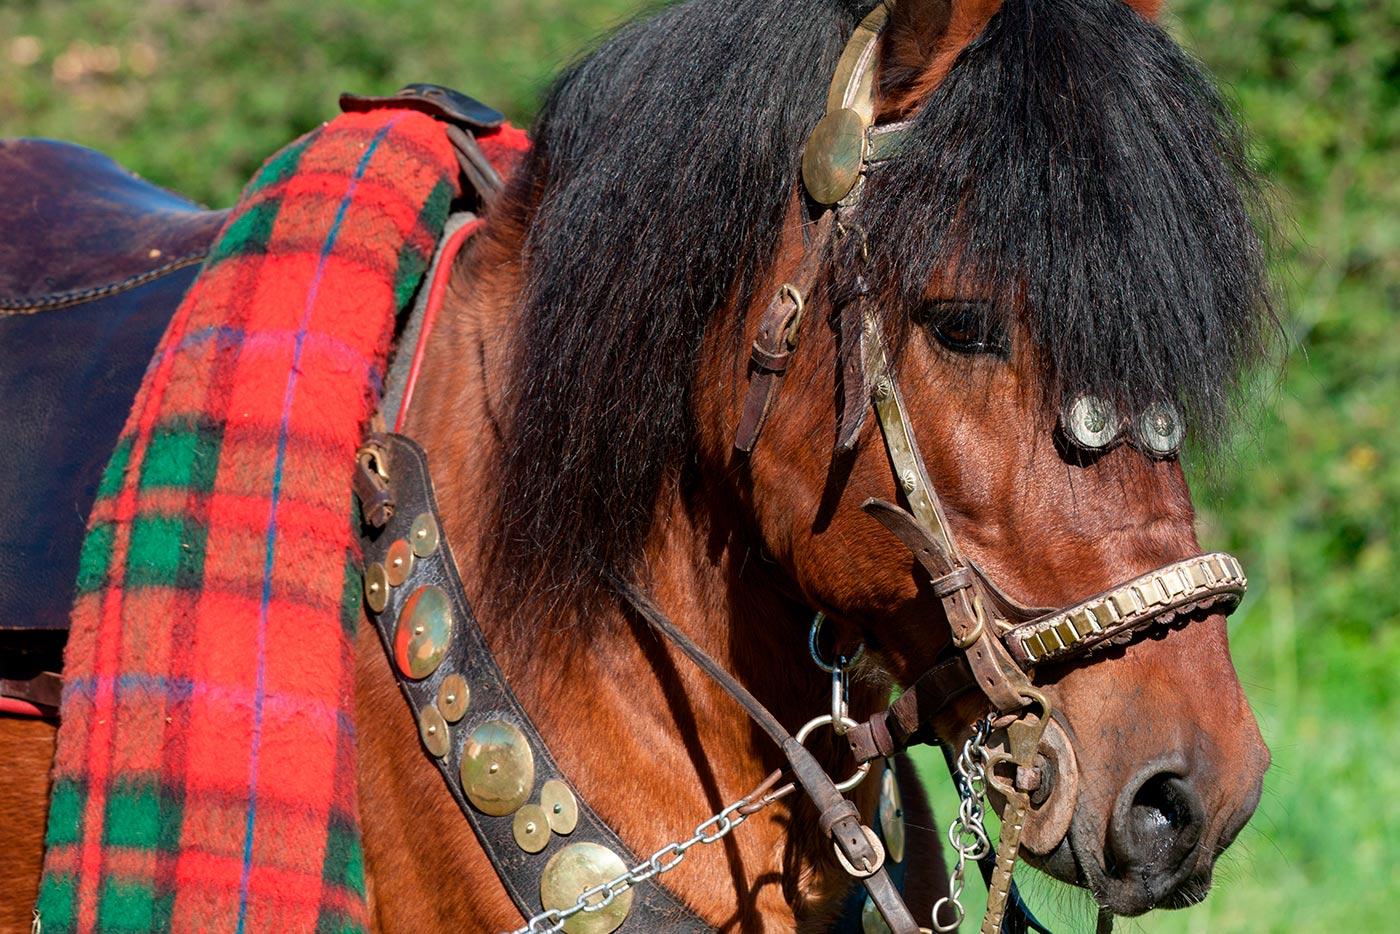 Cabalos de pura raza galega